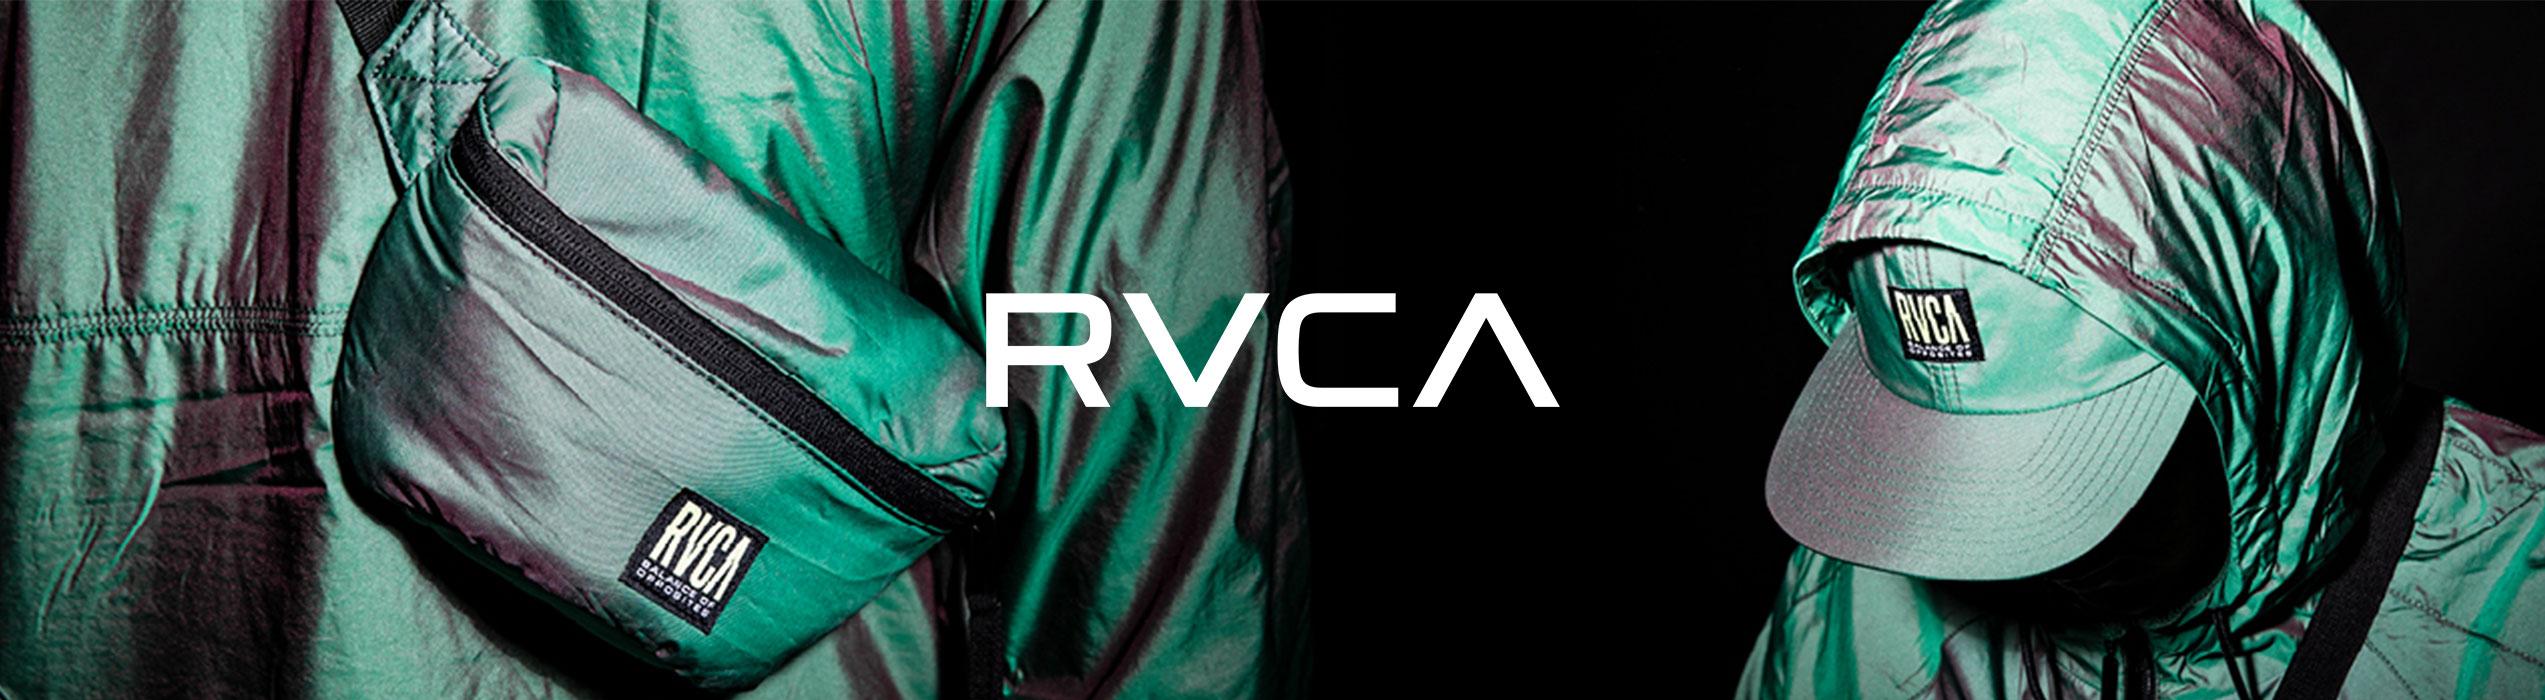 rvca_EN_new